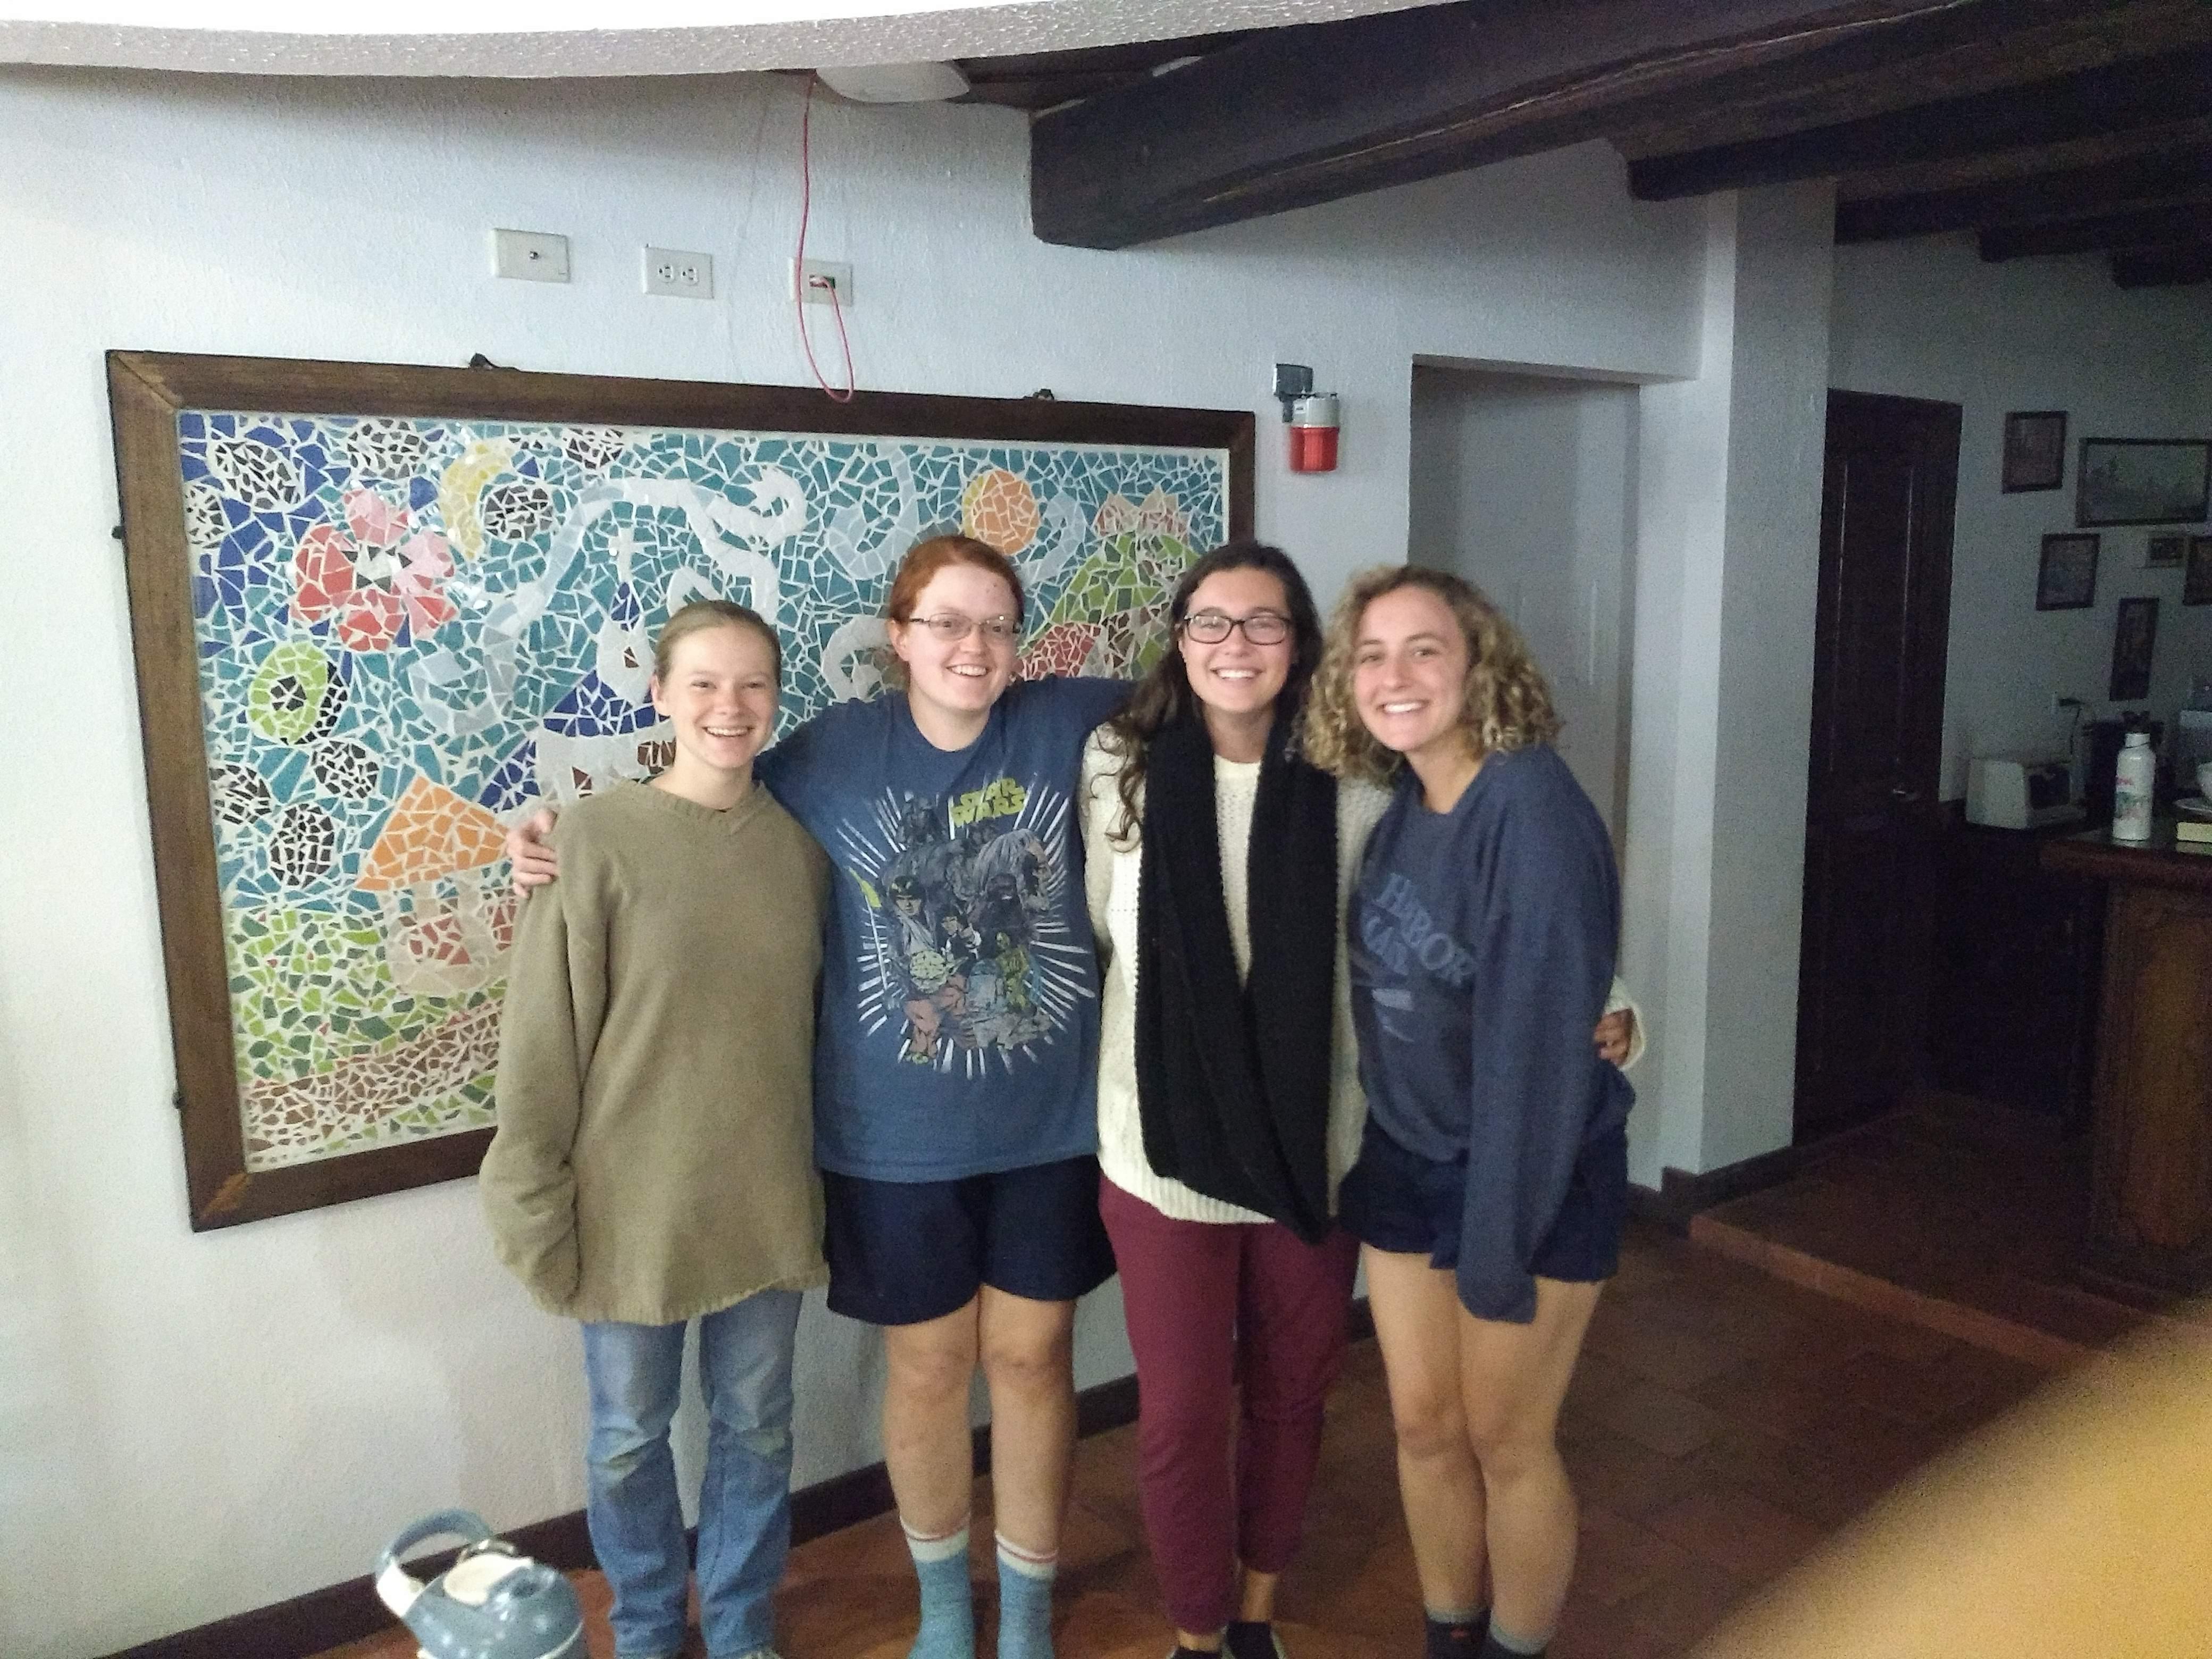 Abi and her friends in Costa Rica